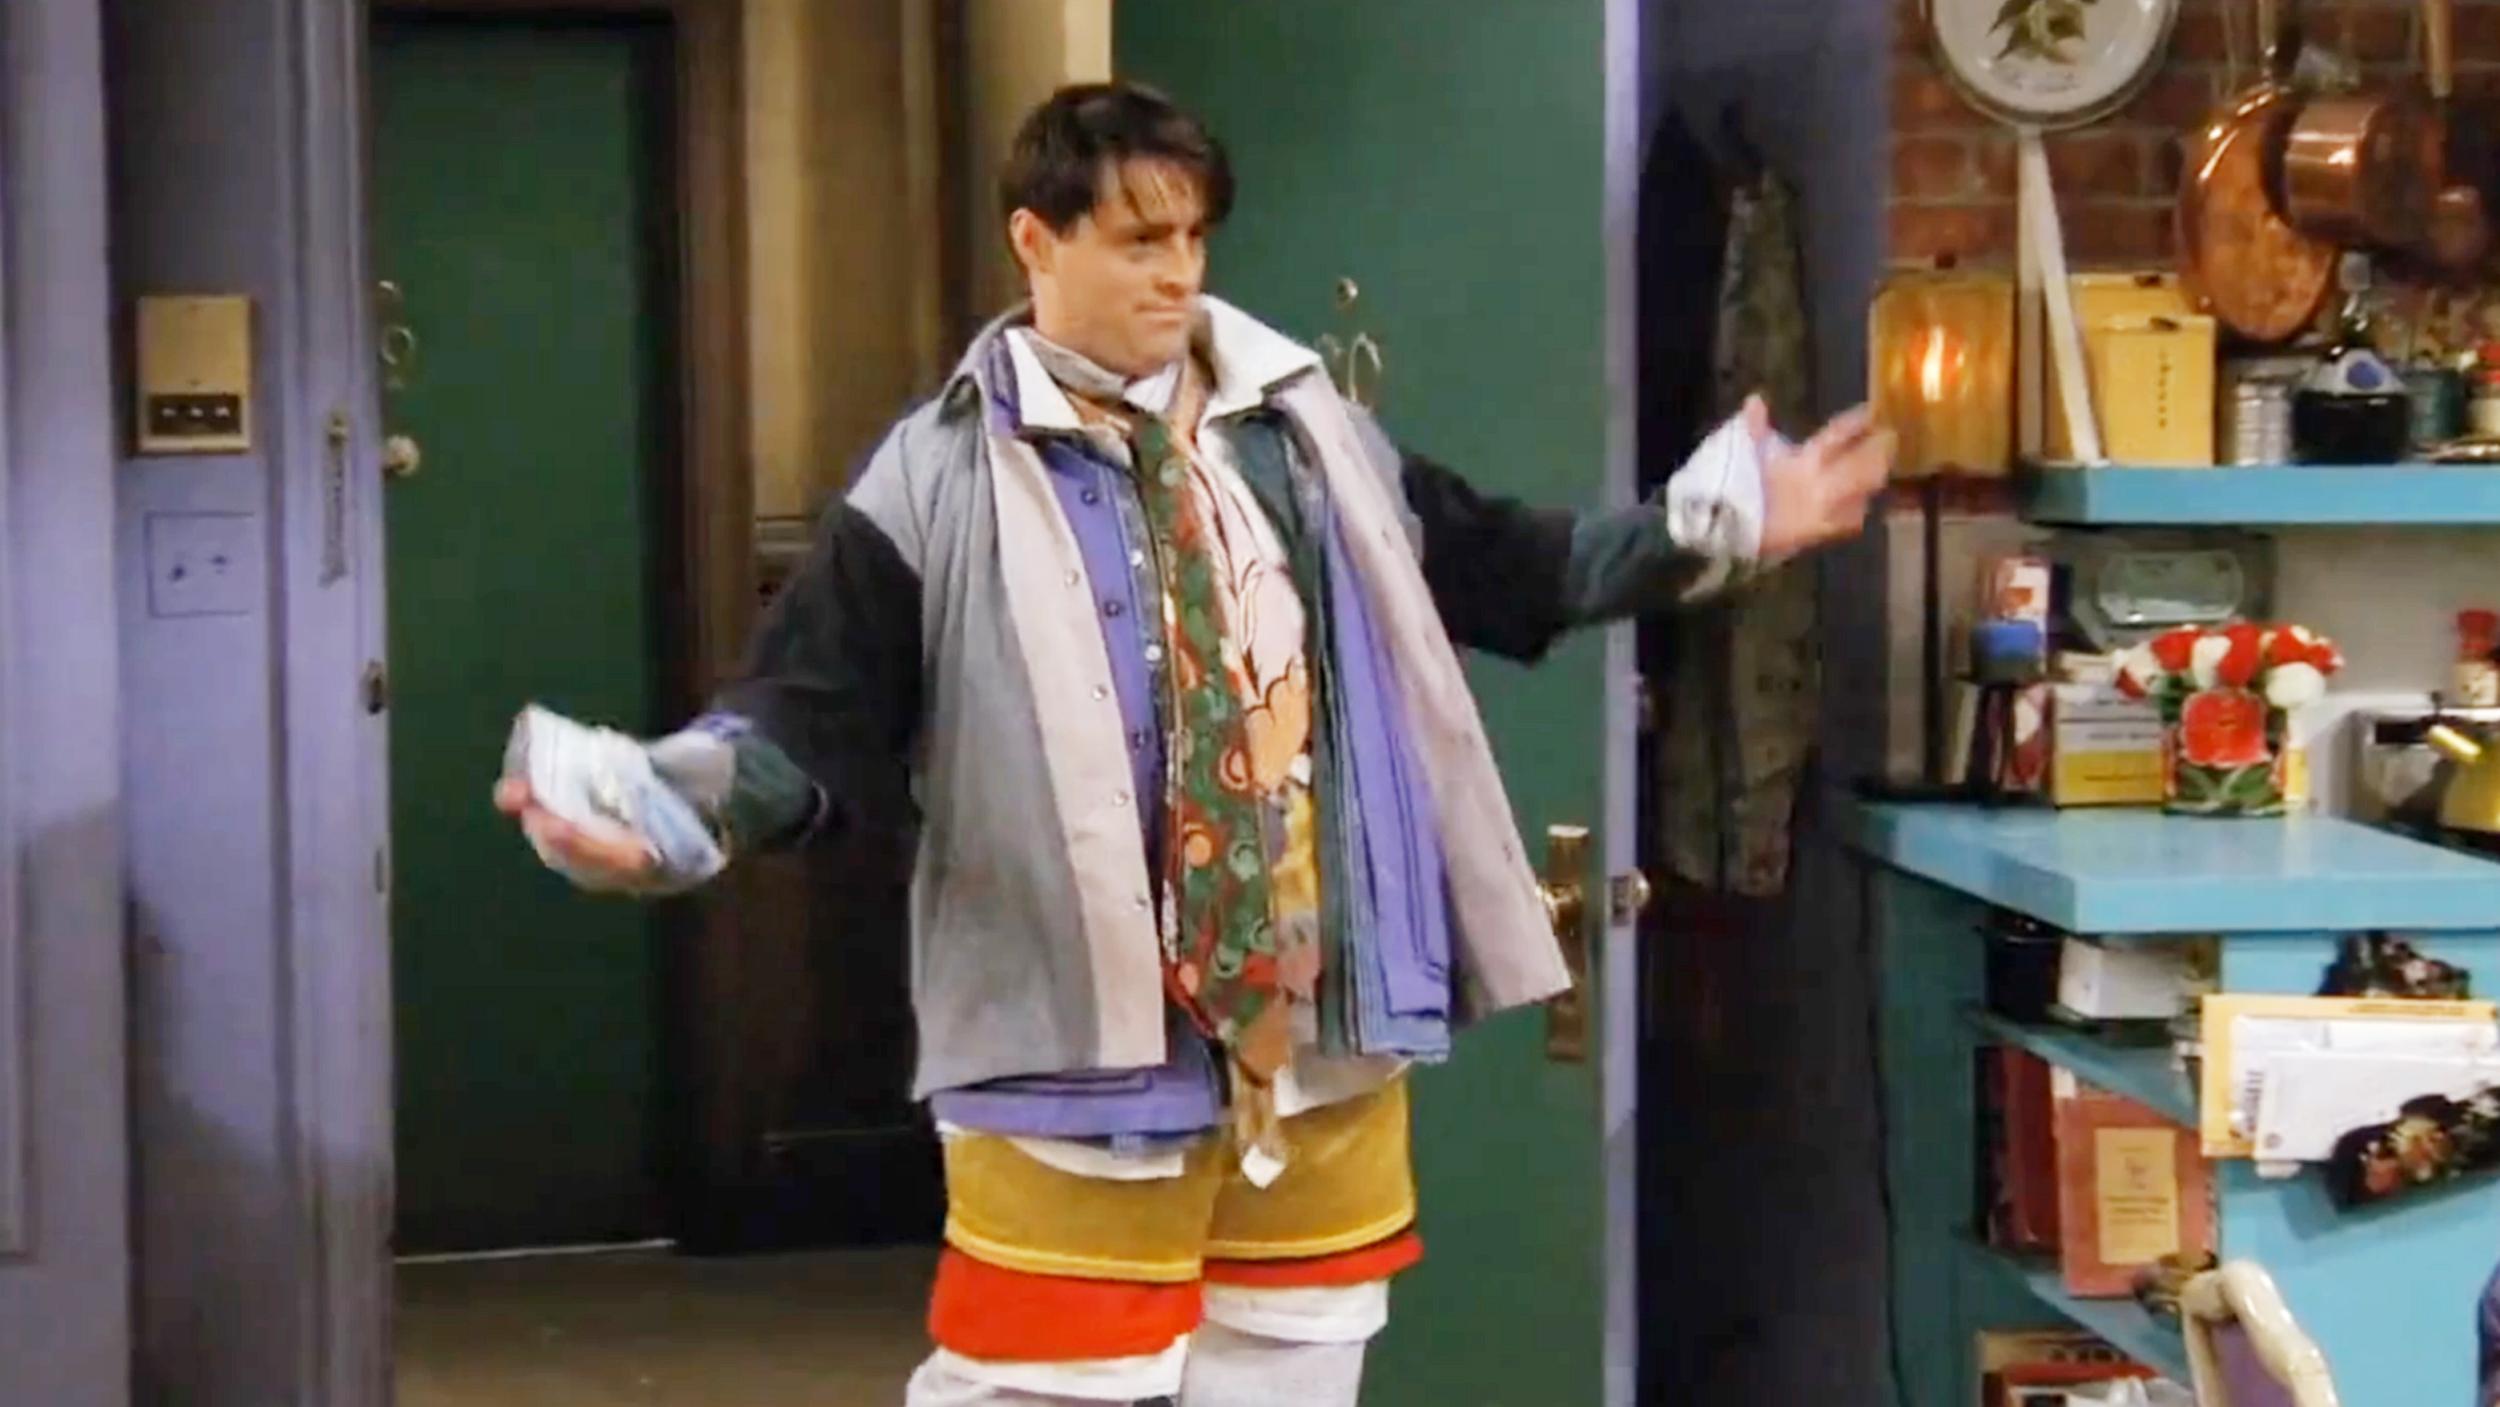 áo khoác ngoại cỡ - elle man